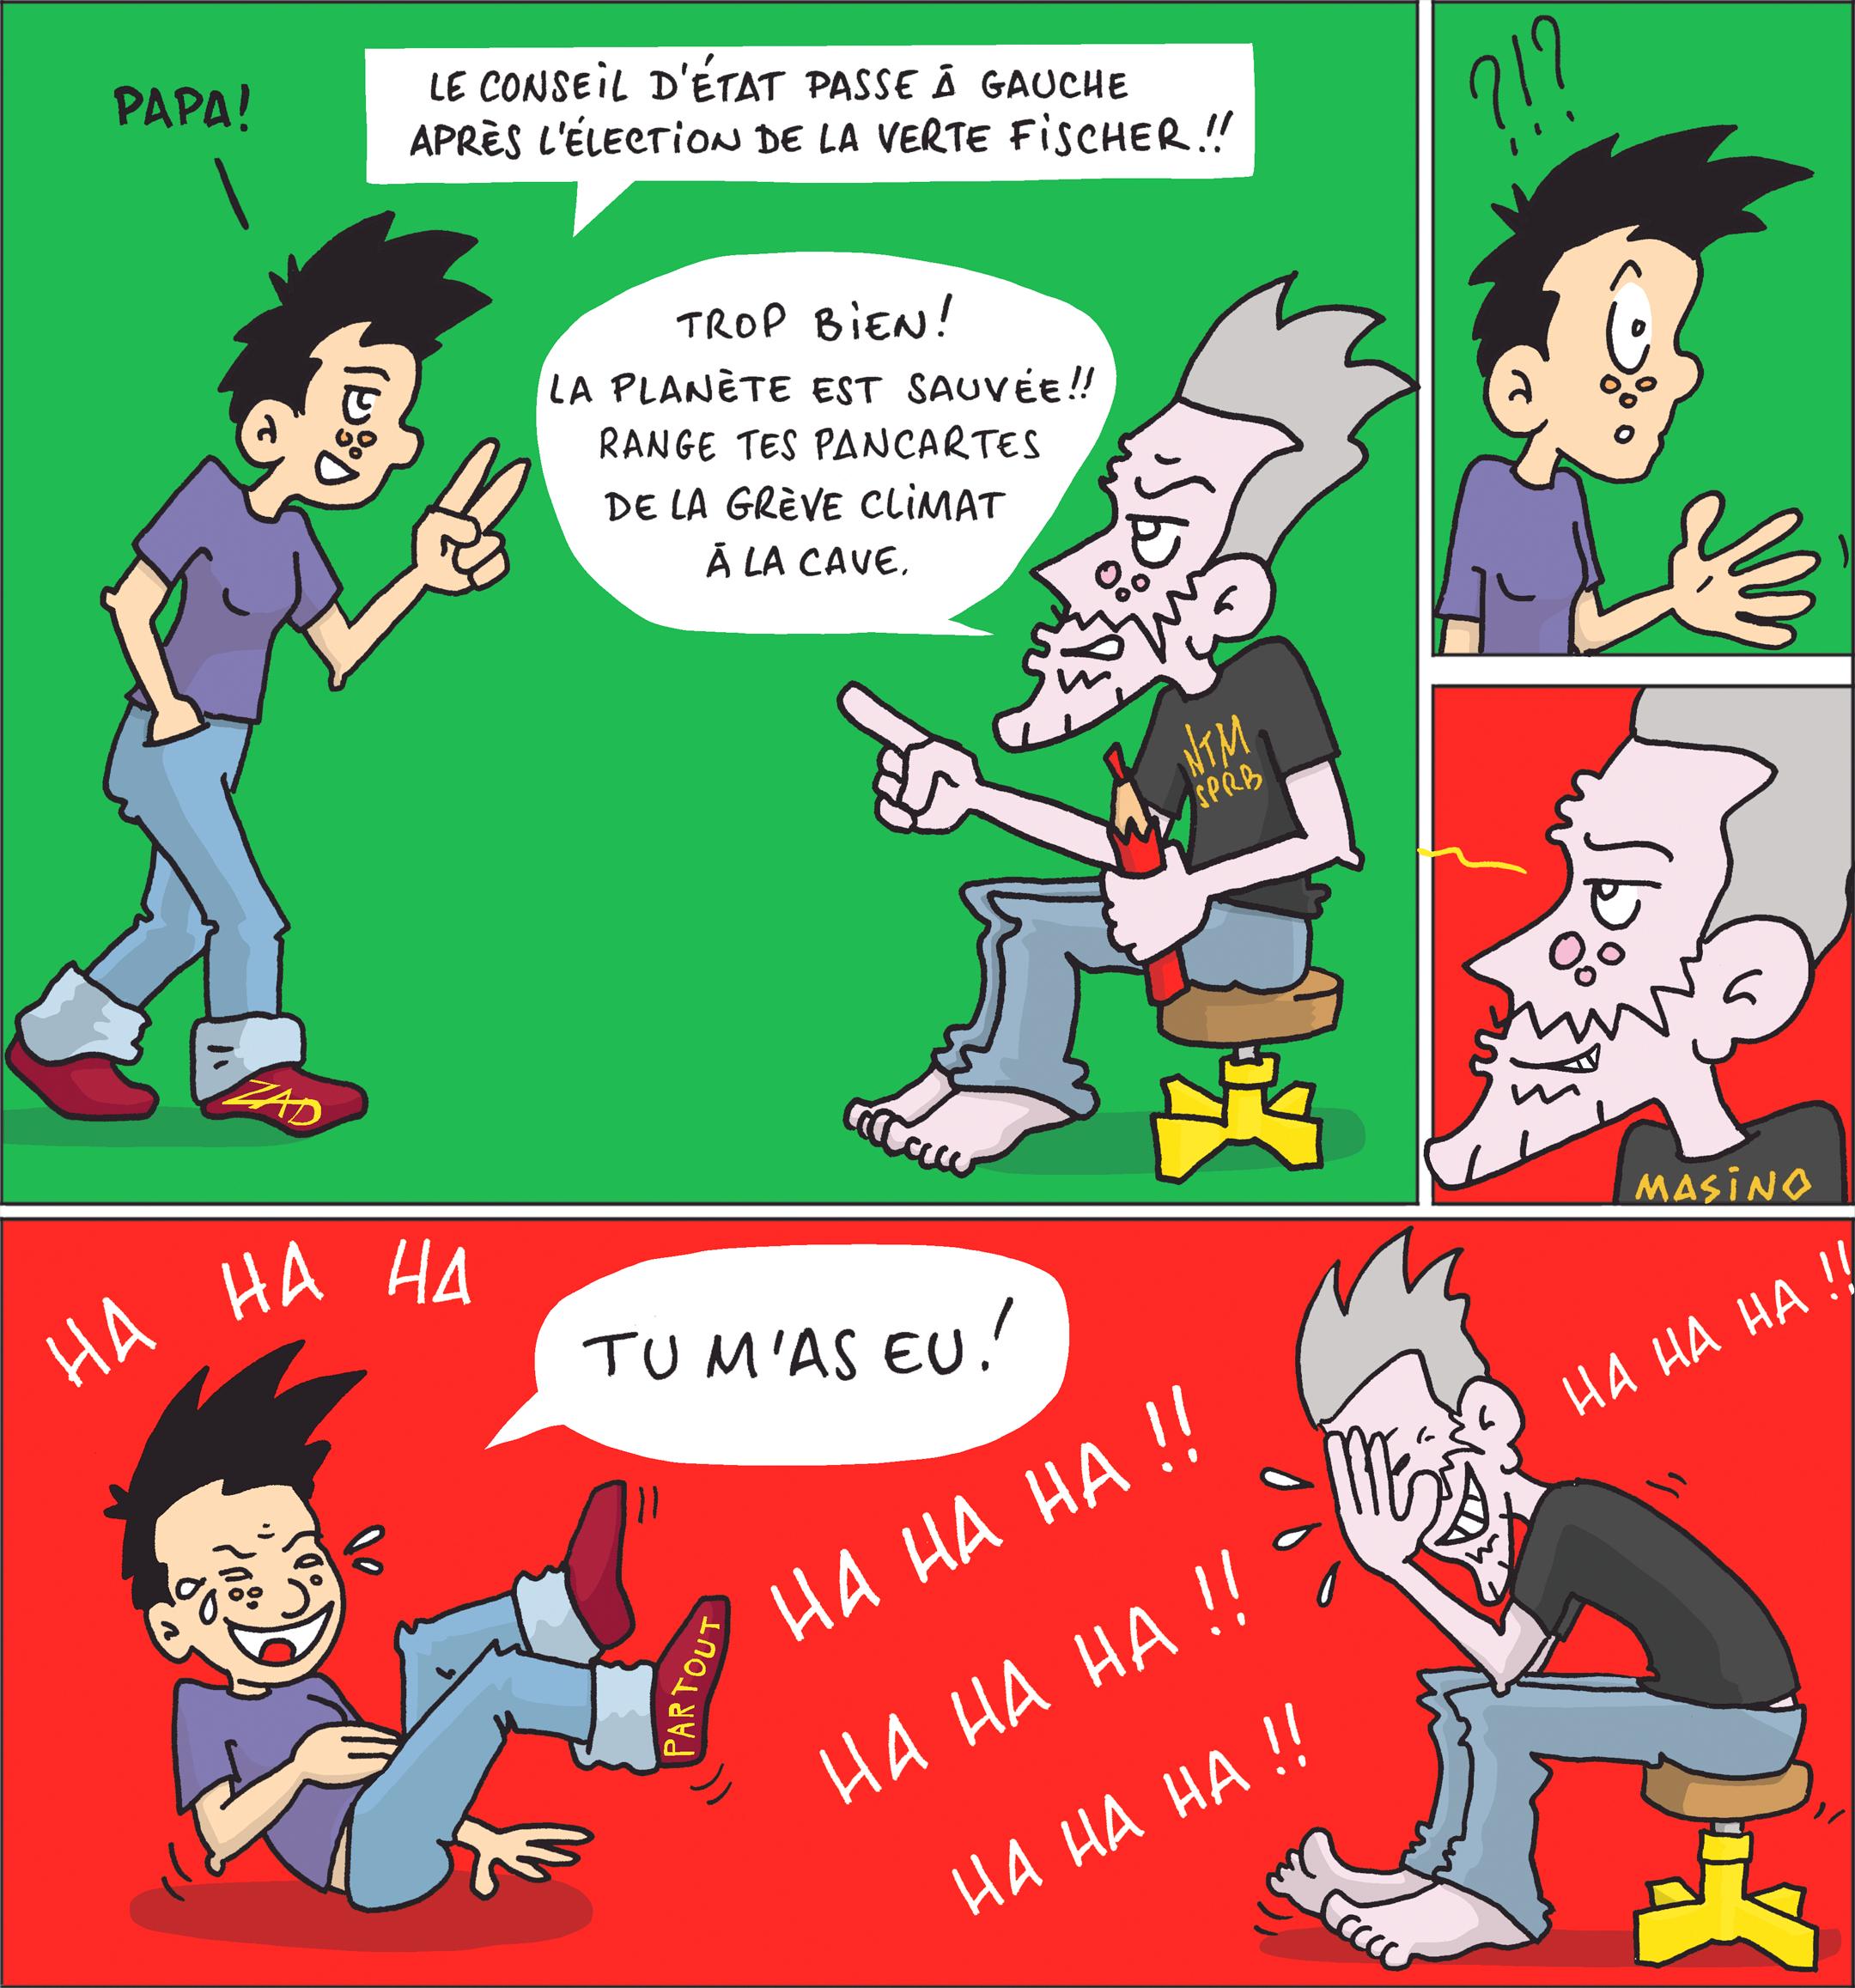 Bande dessinée de Masino à propos de l'élection de Fabeinne Fischer